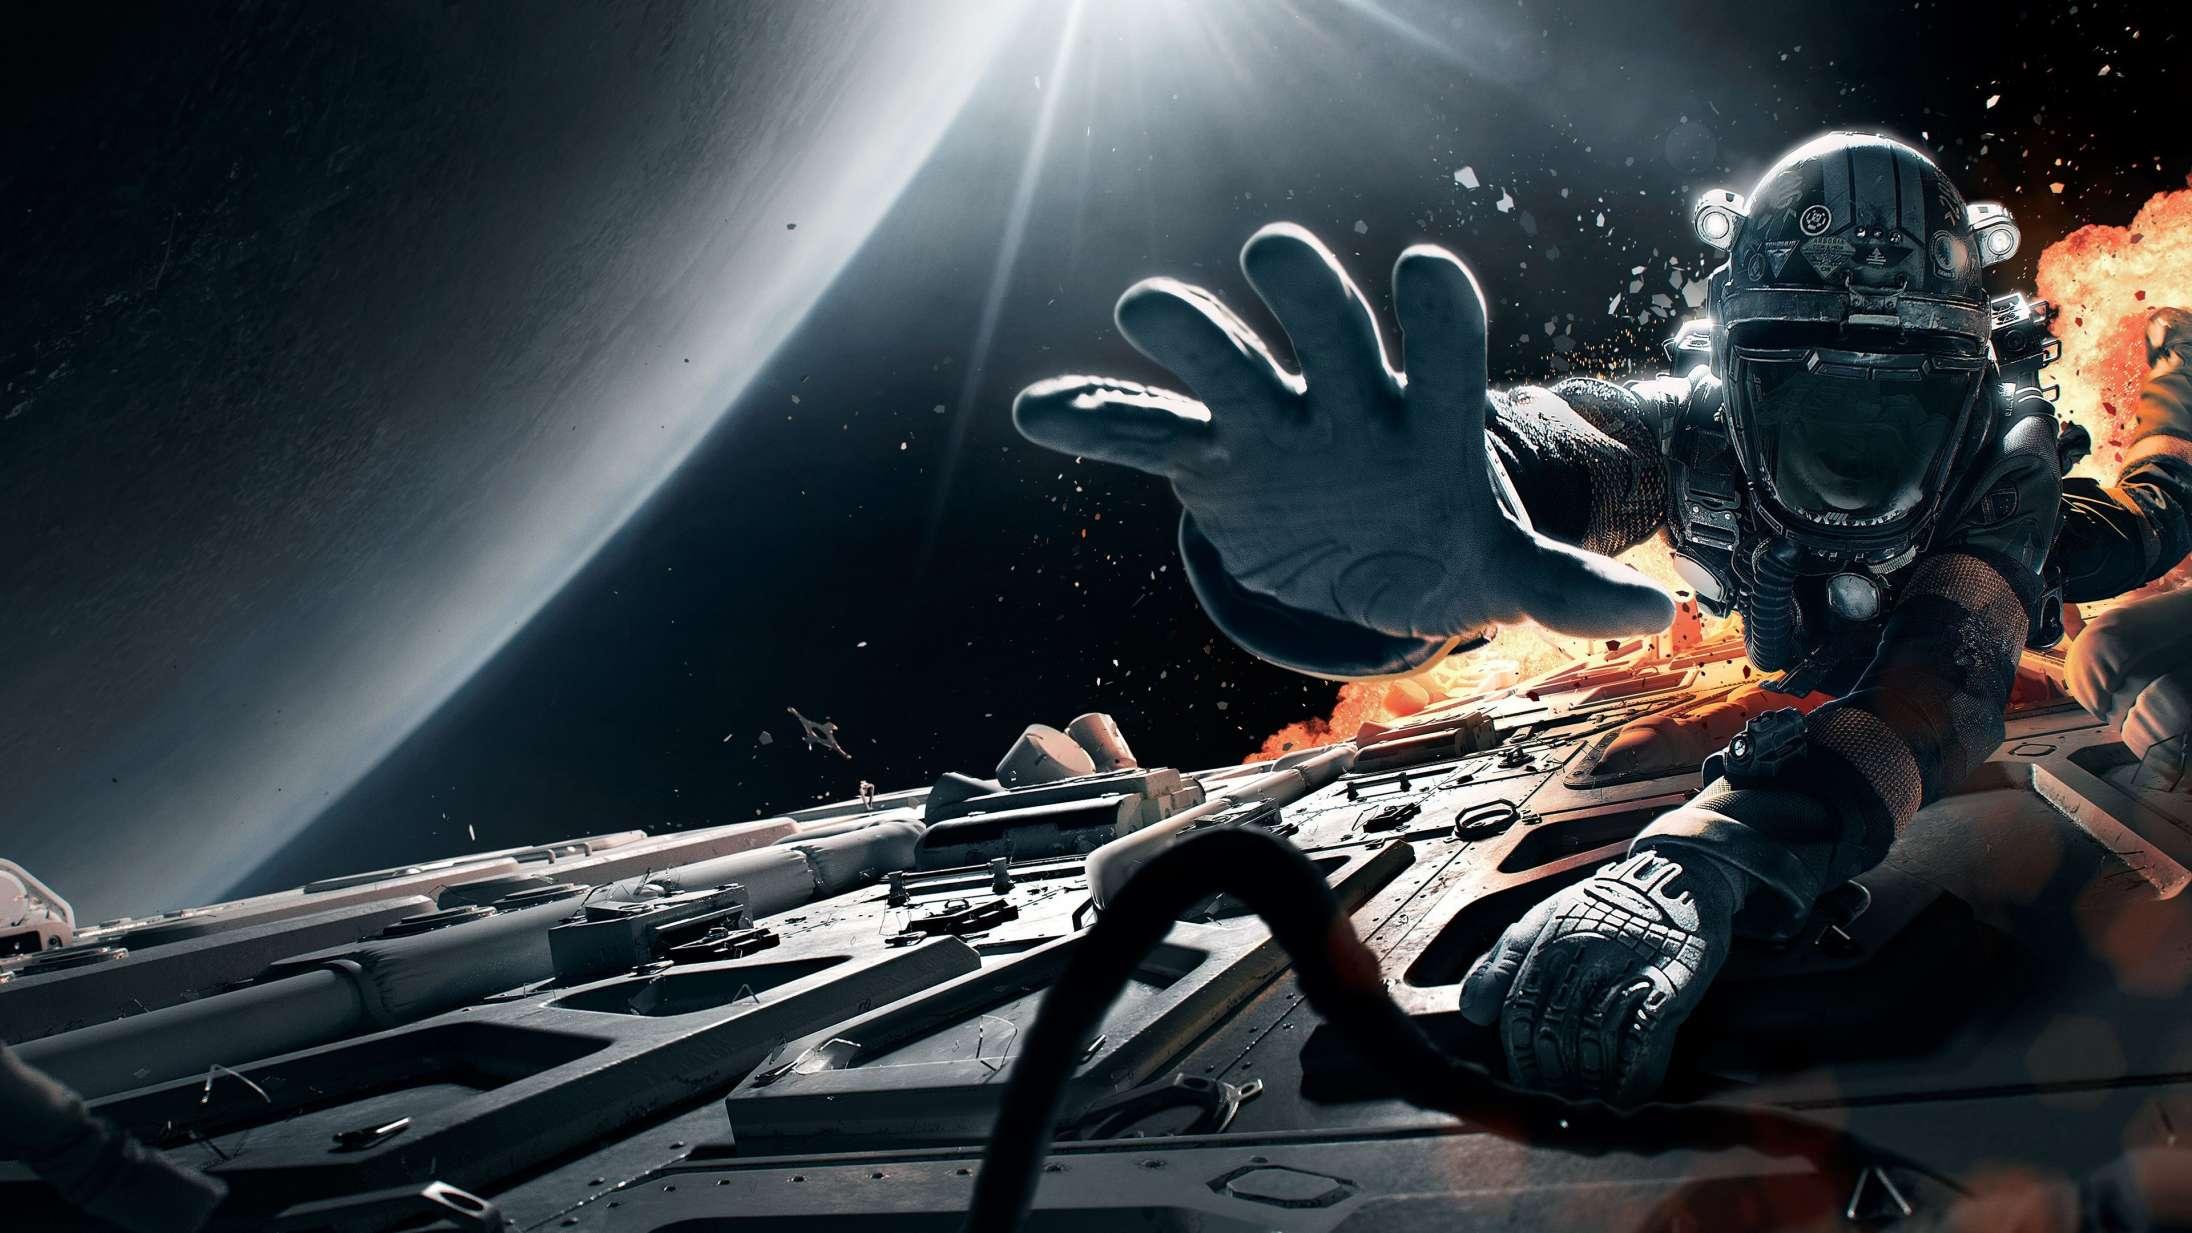 'The Expanse': Spektakulær sci-fi-fortælling er streaminguniversets mest oversete perle